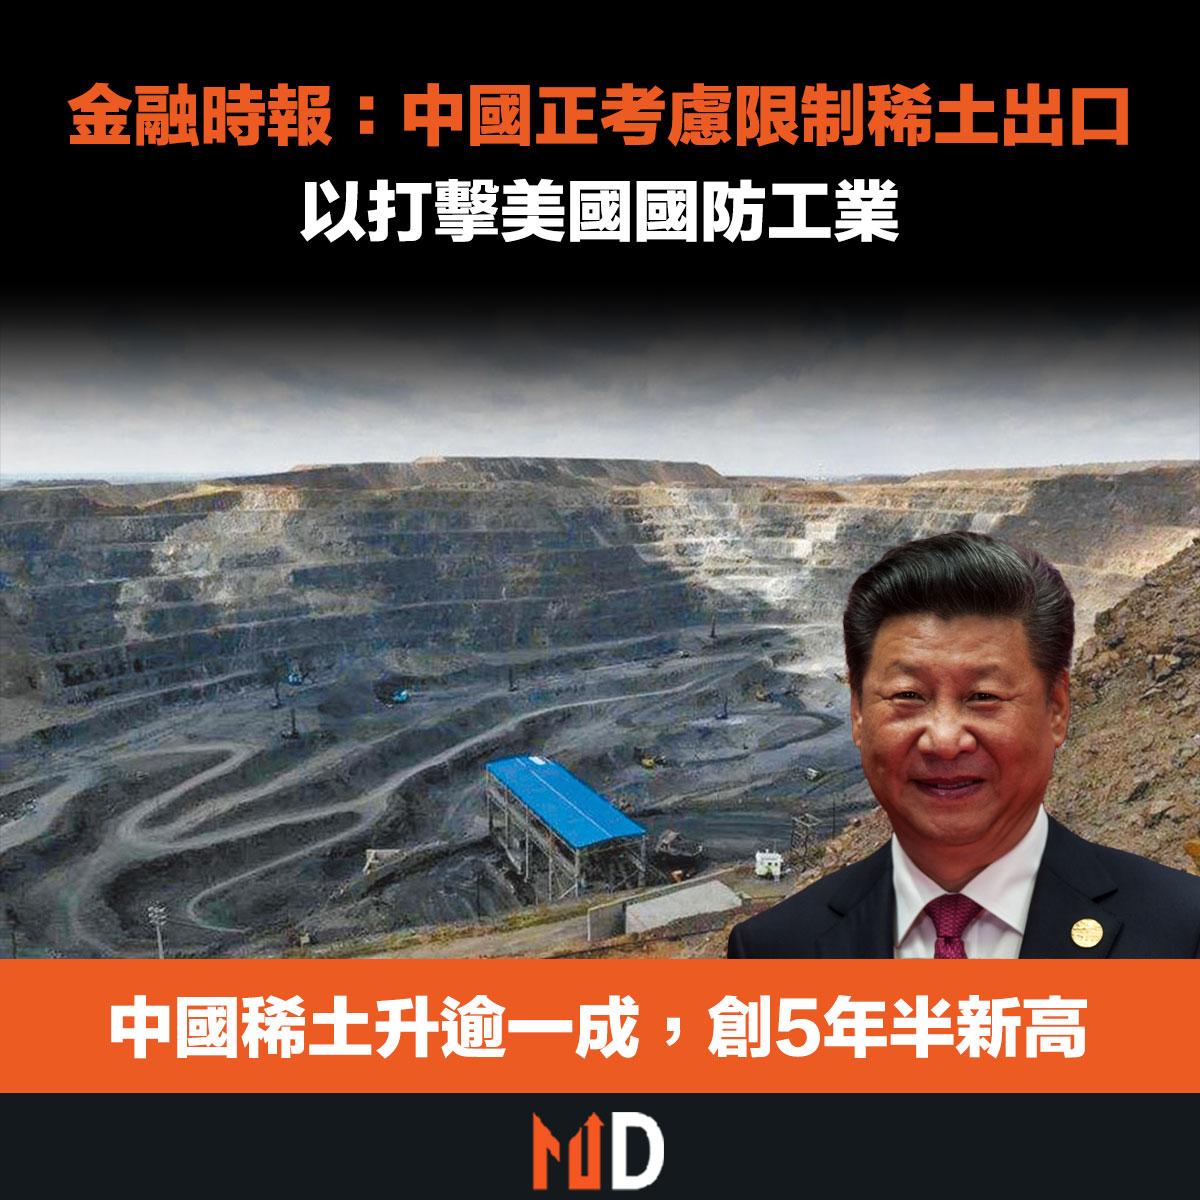 【市場熱話】金融時報:中國正考慮限制稀土出口,以打擊美國國防工業